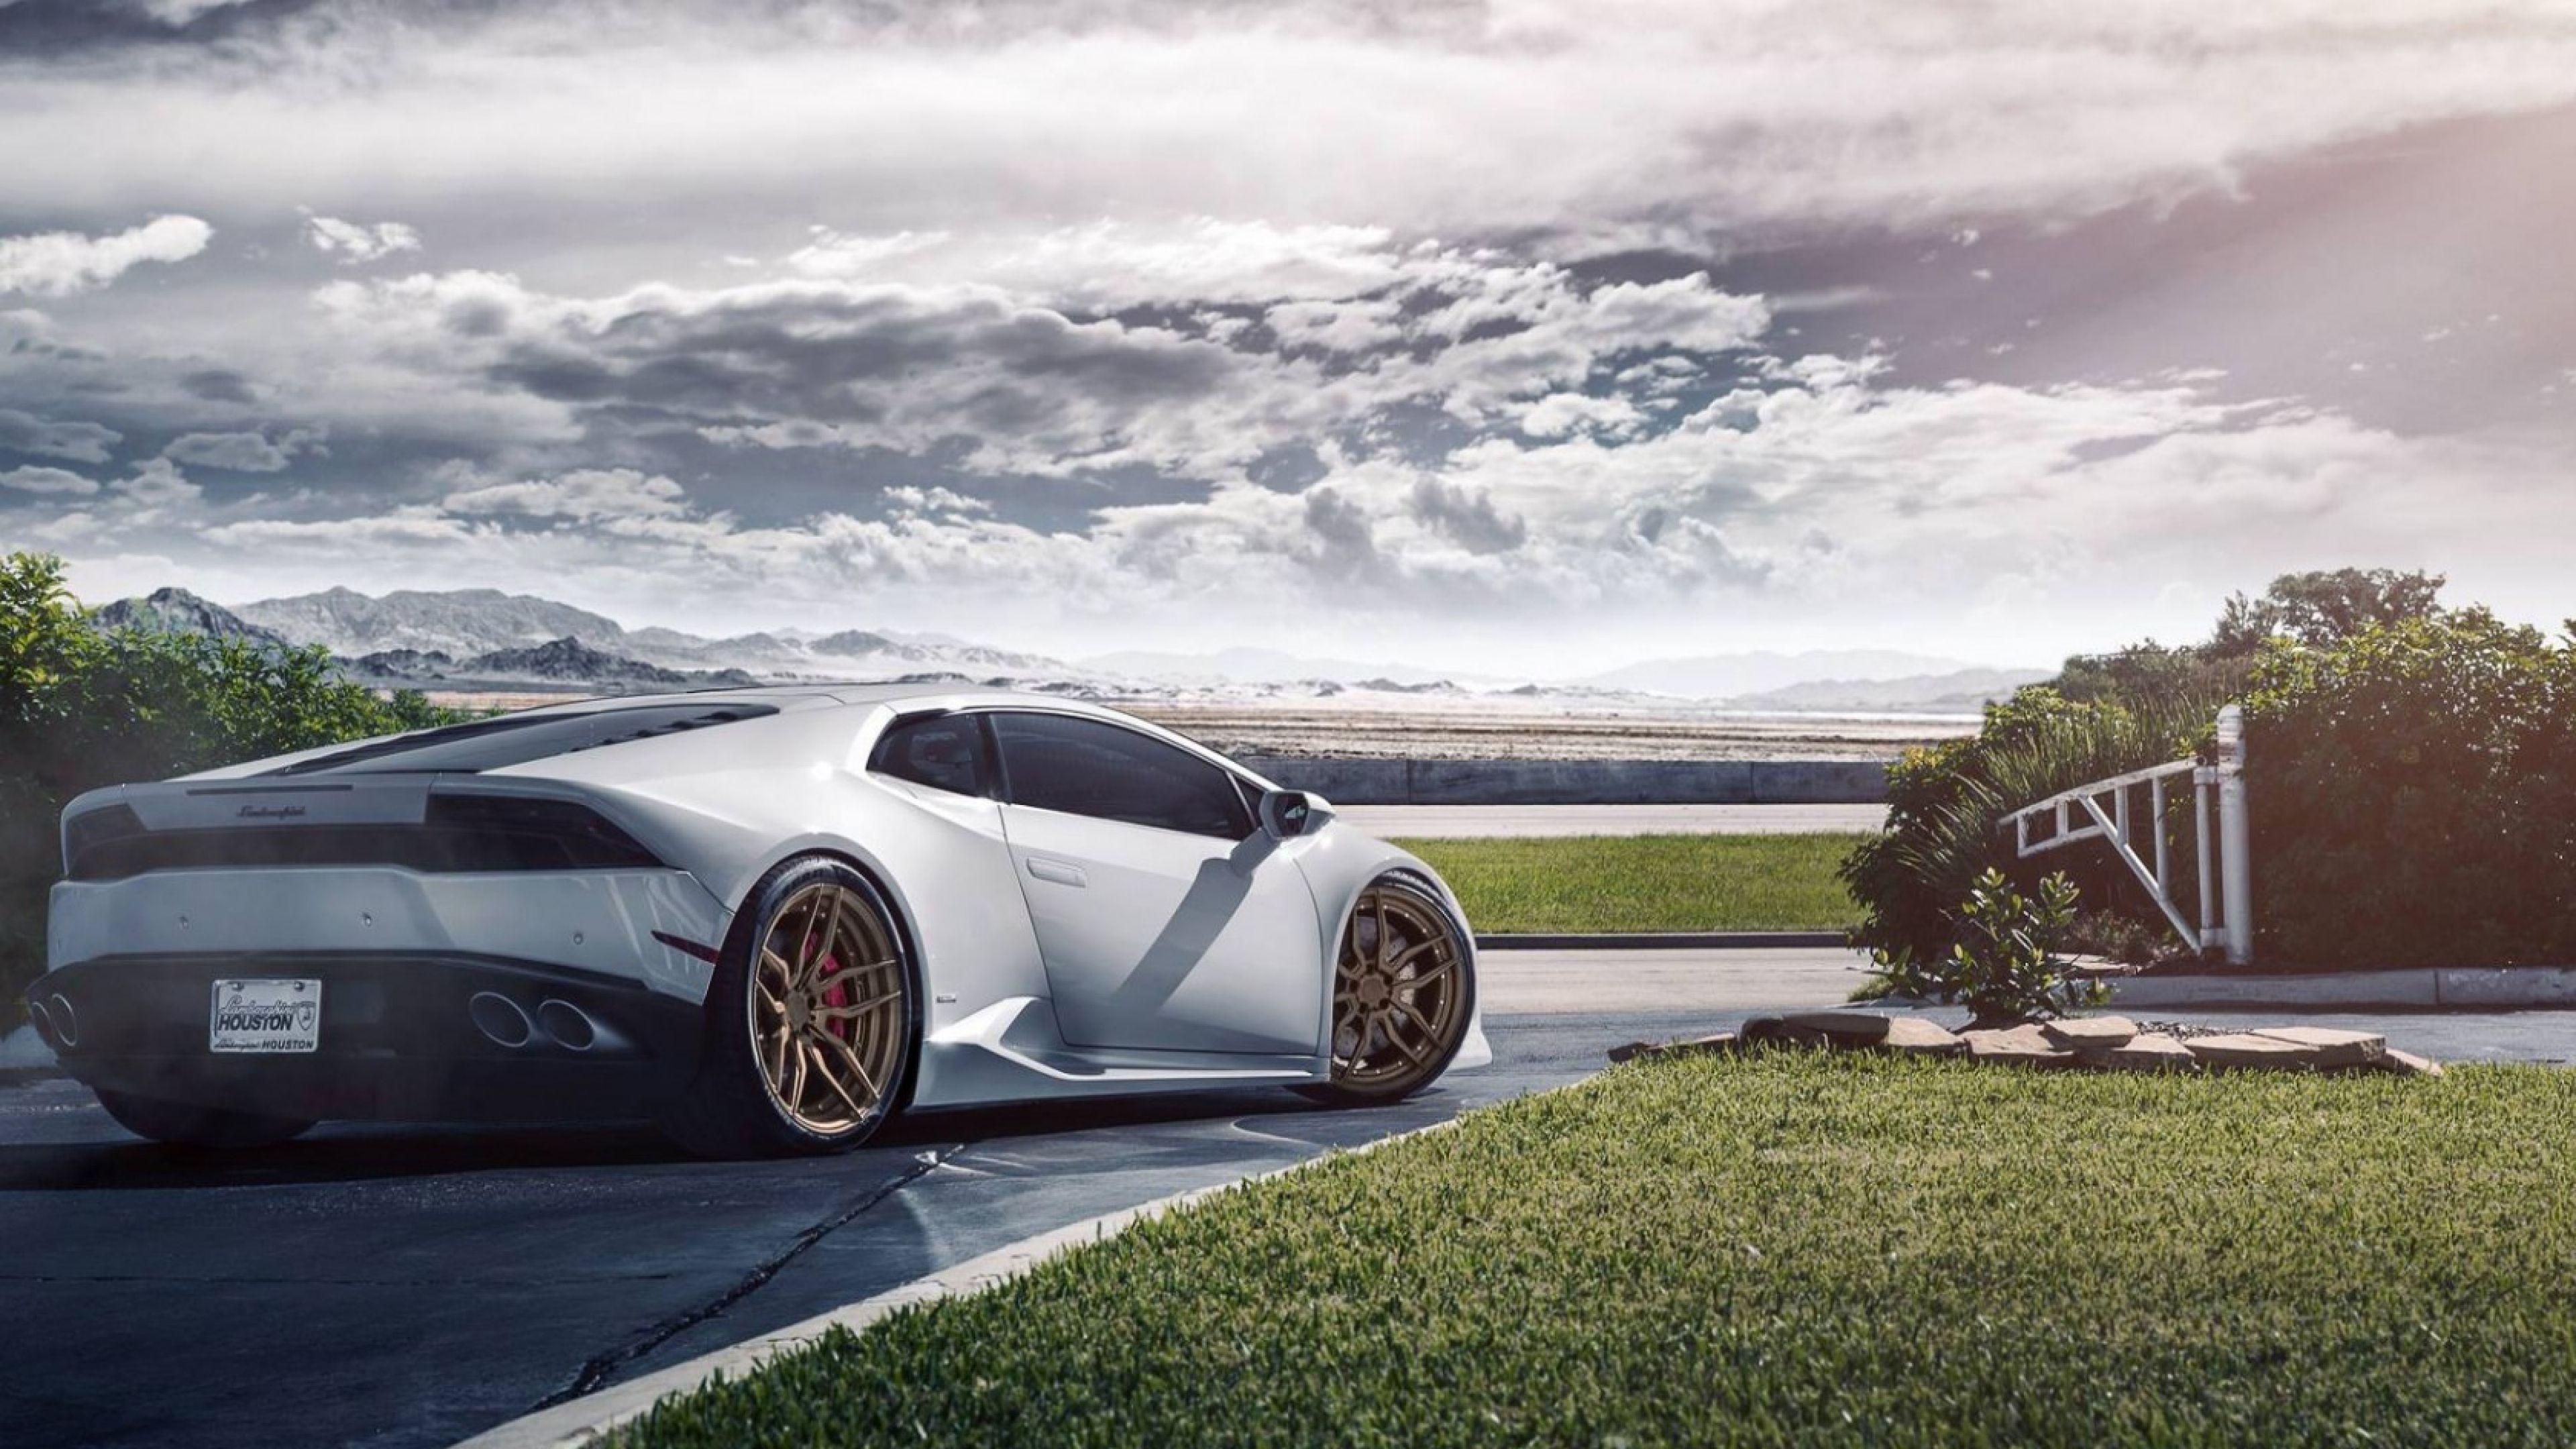 Lamborghini Huracan Wallpaper 1080p Free Download Hd Wallpapers